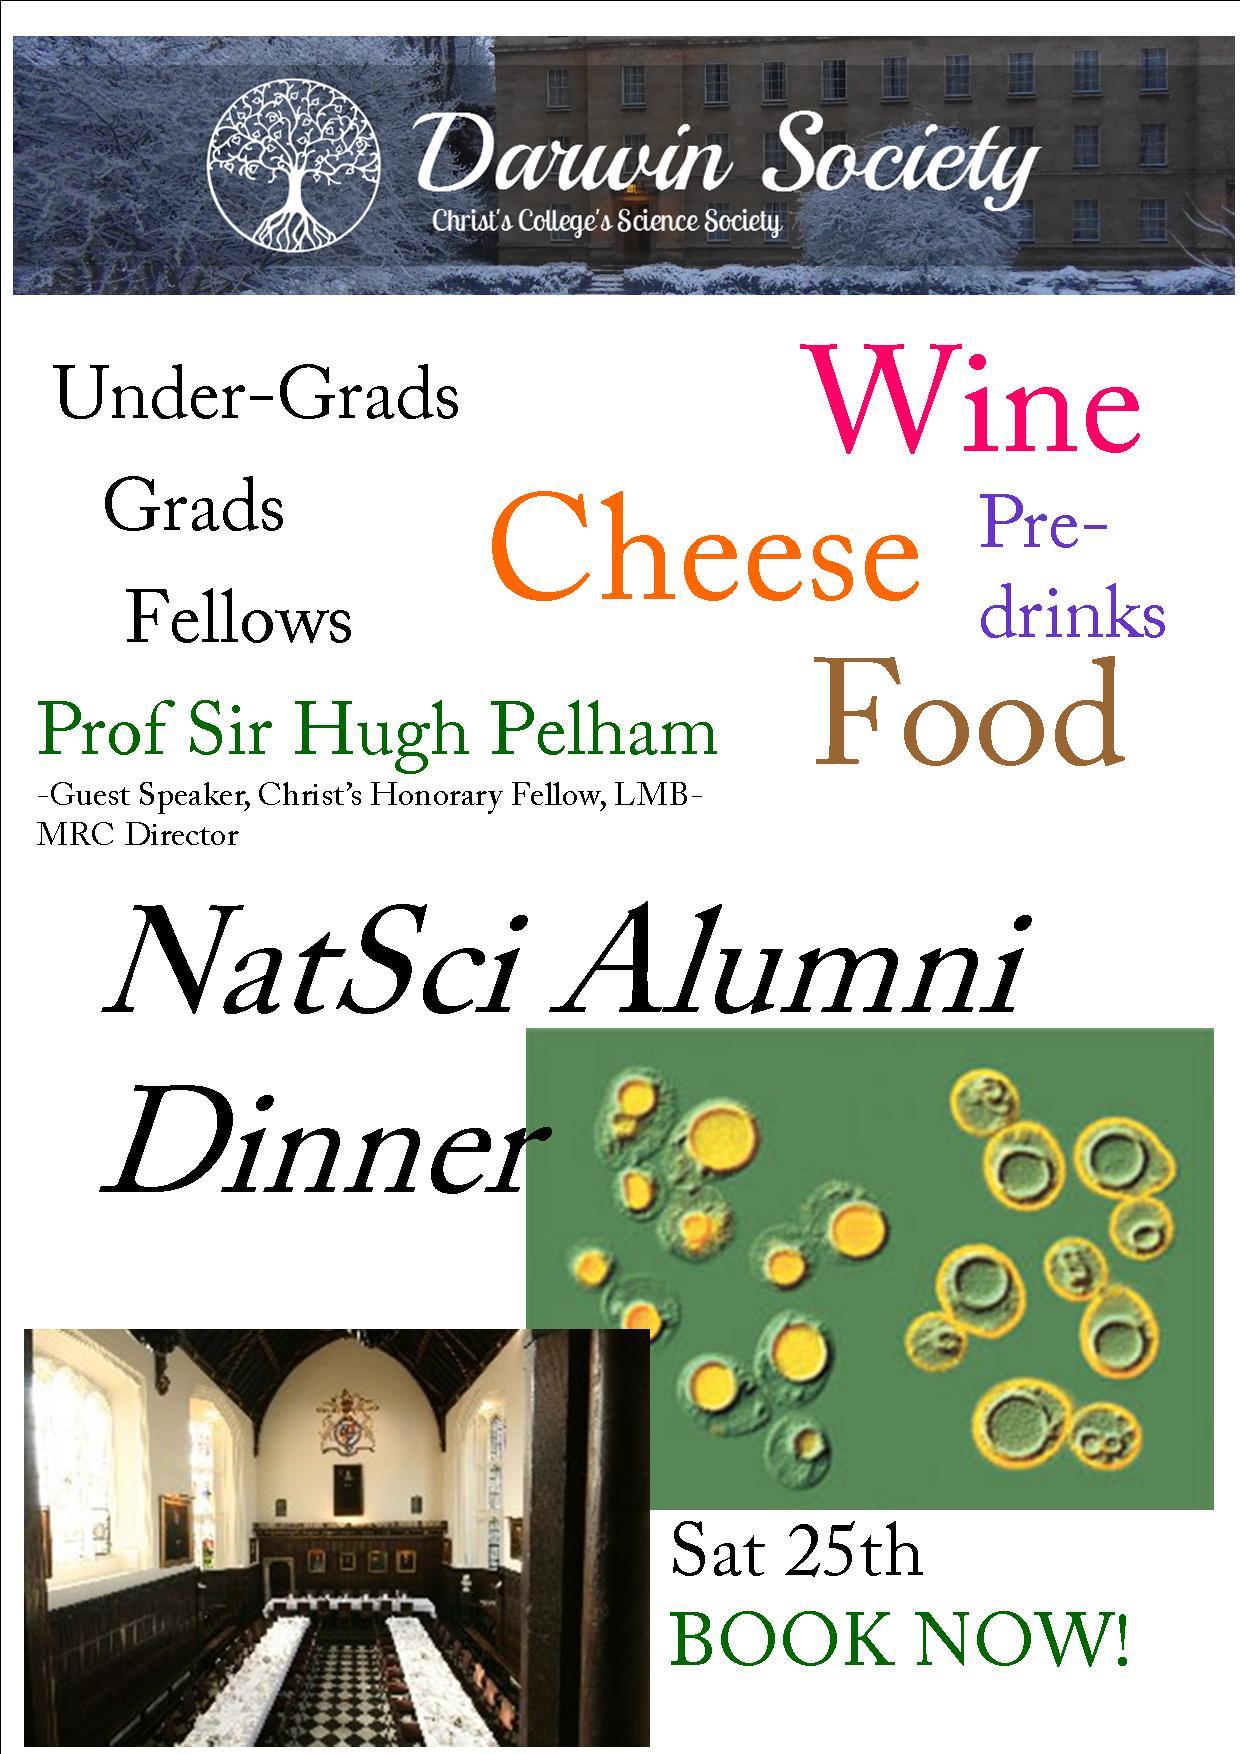 darwin alumni dinner